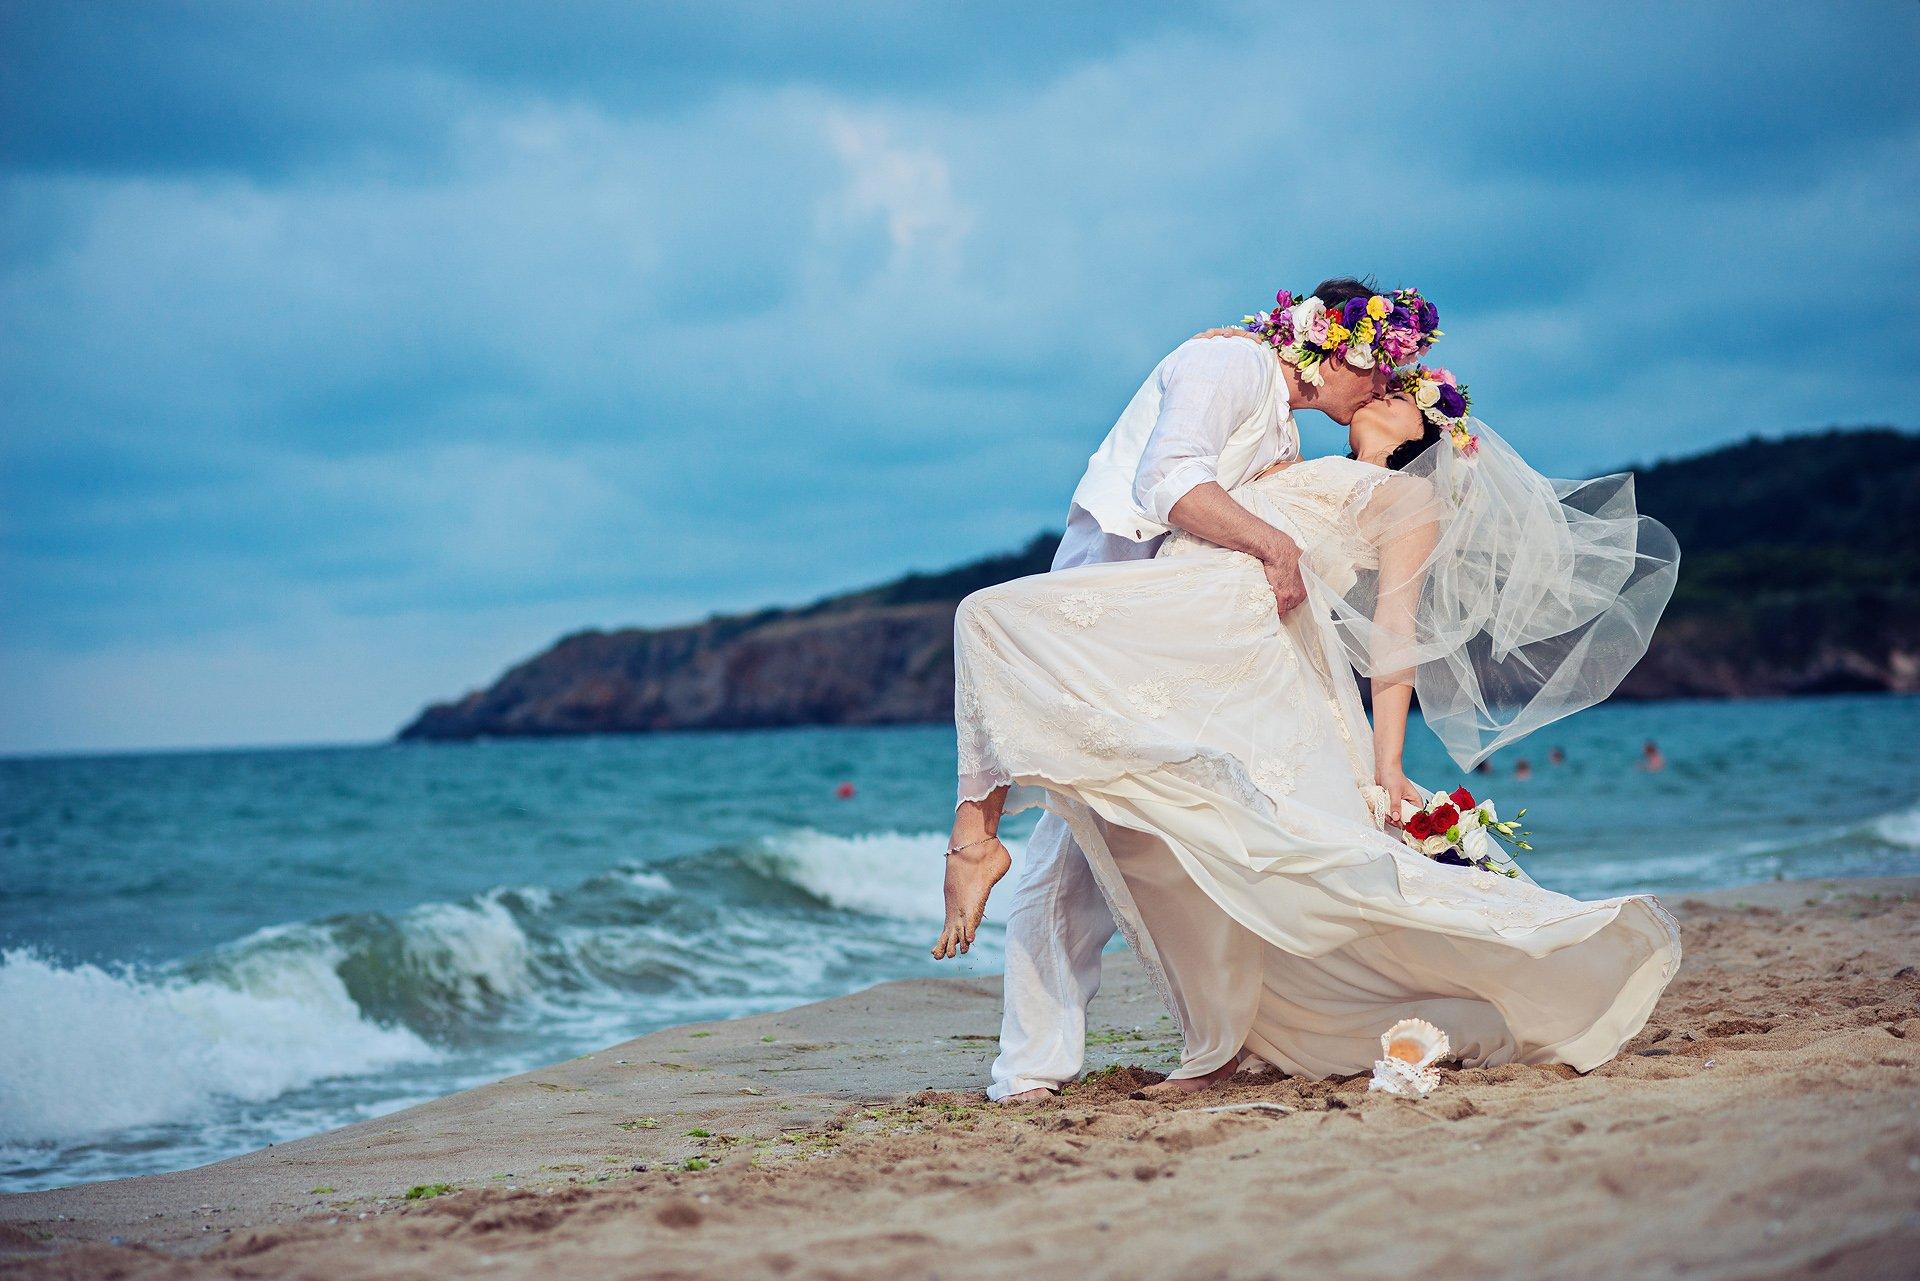 Страстна сватбена фотосесия край морето.